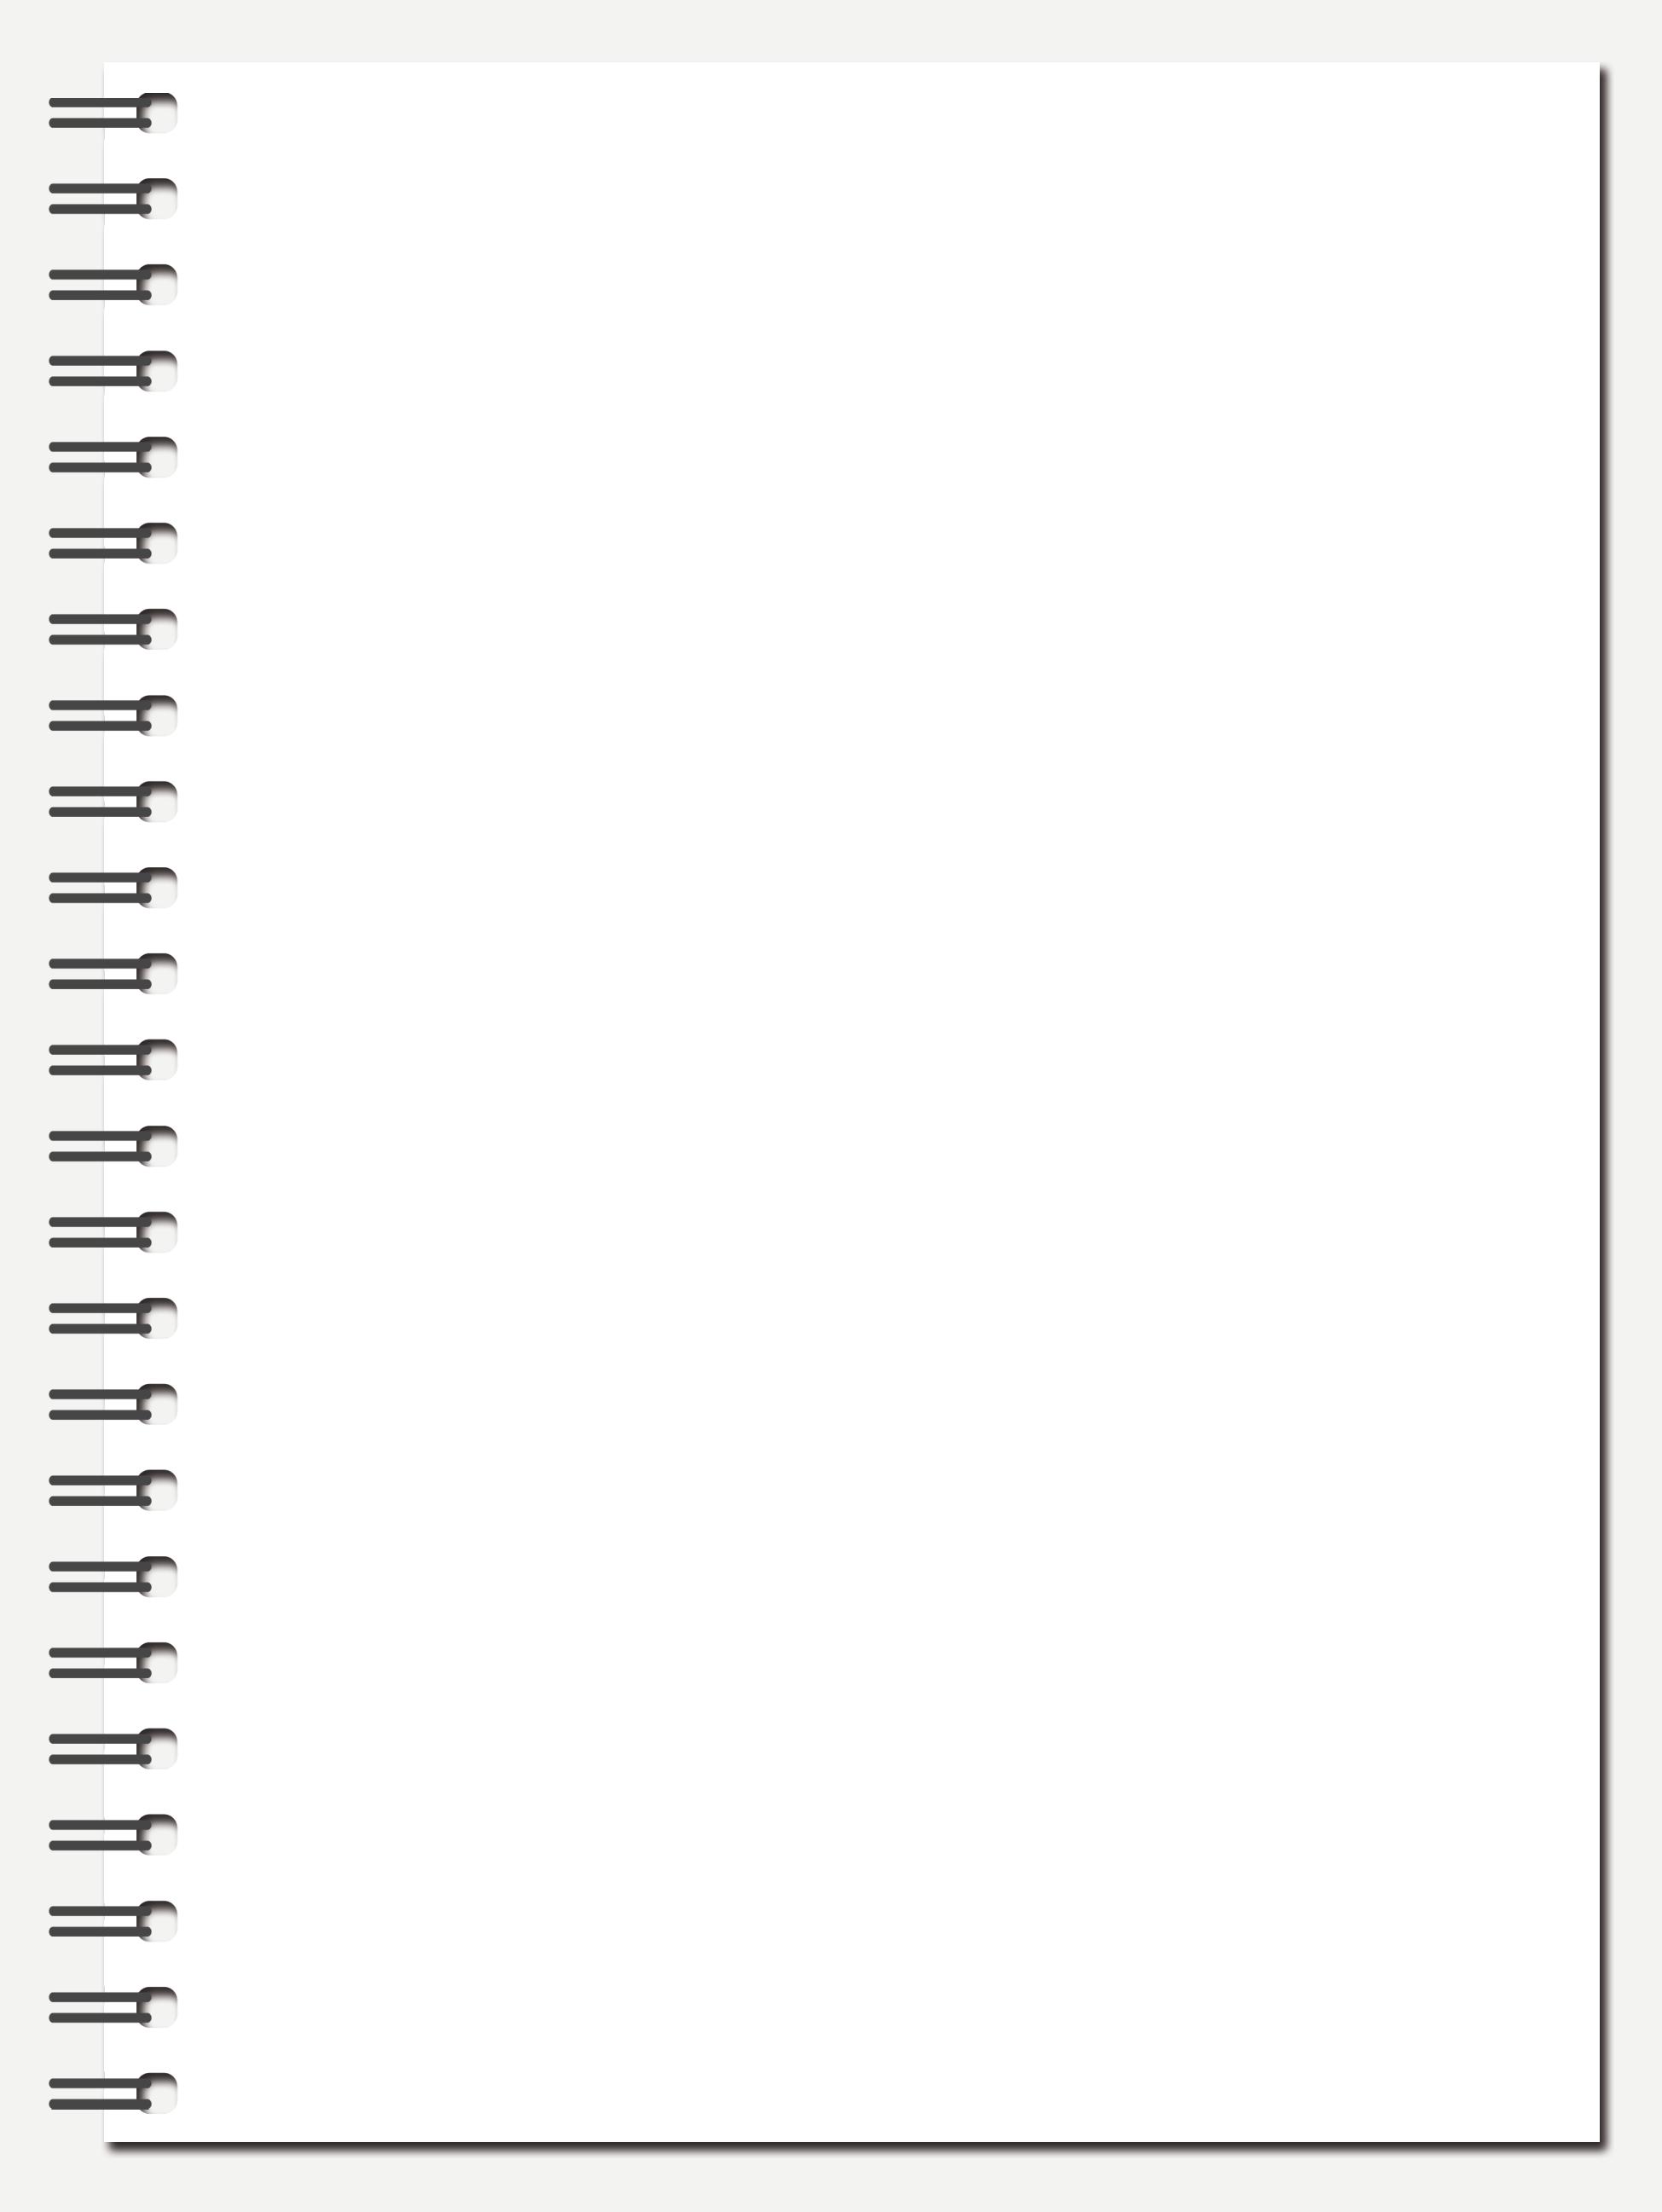 Libreta del alumno personalizada (Formato A5).